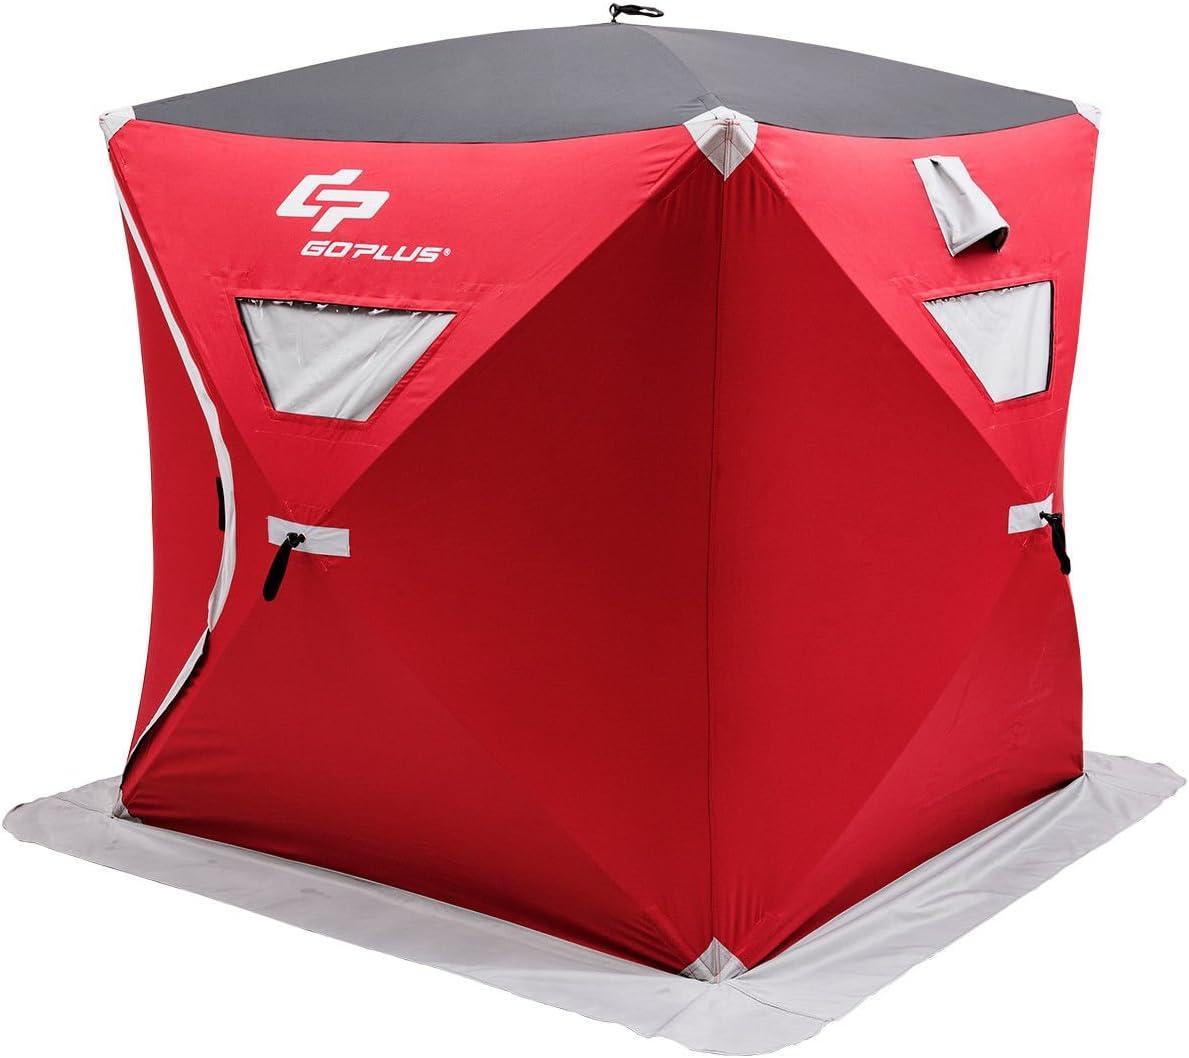 Goplus ポータブルアイスシェルター ポップアップ式アイスフィッシングテント